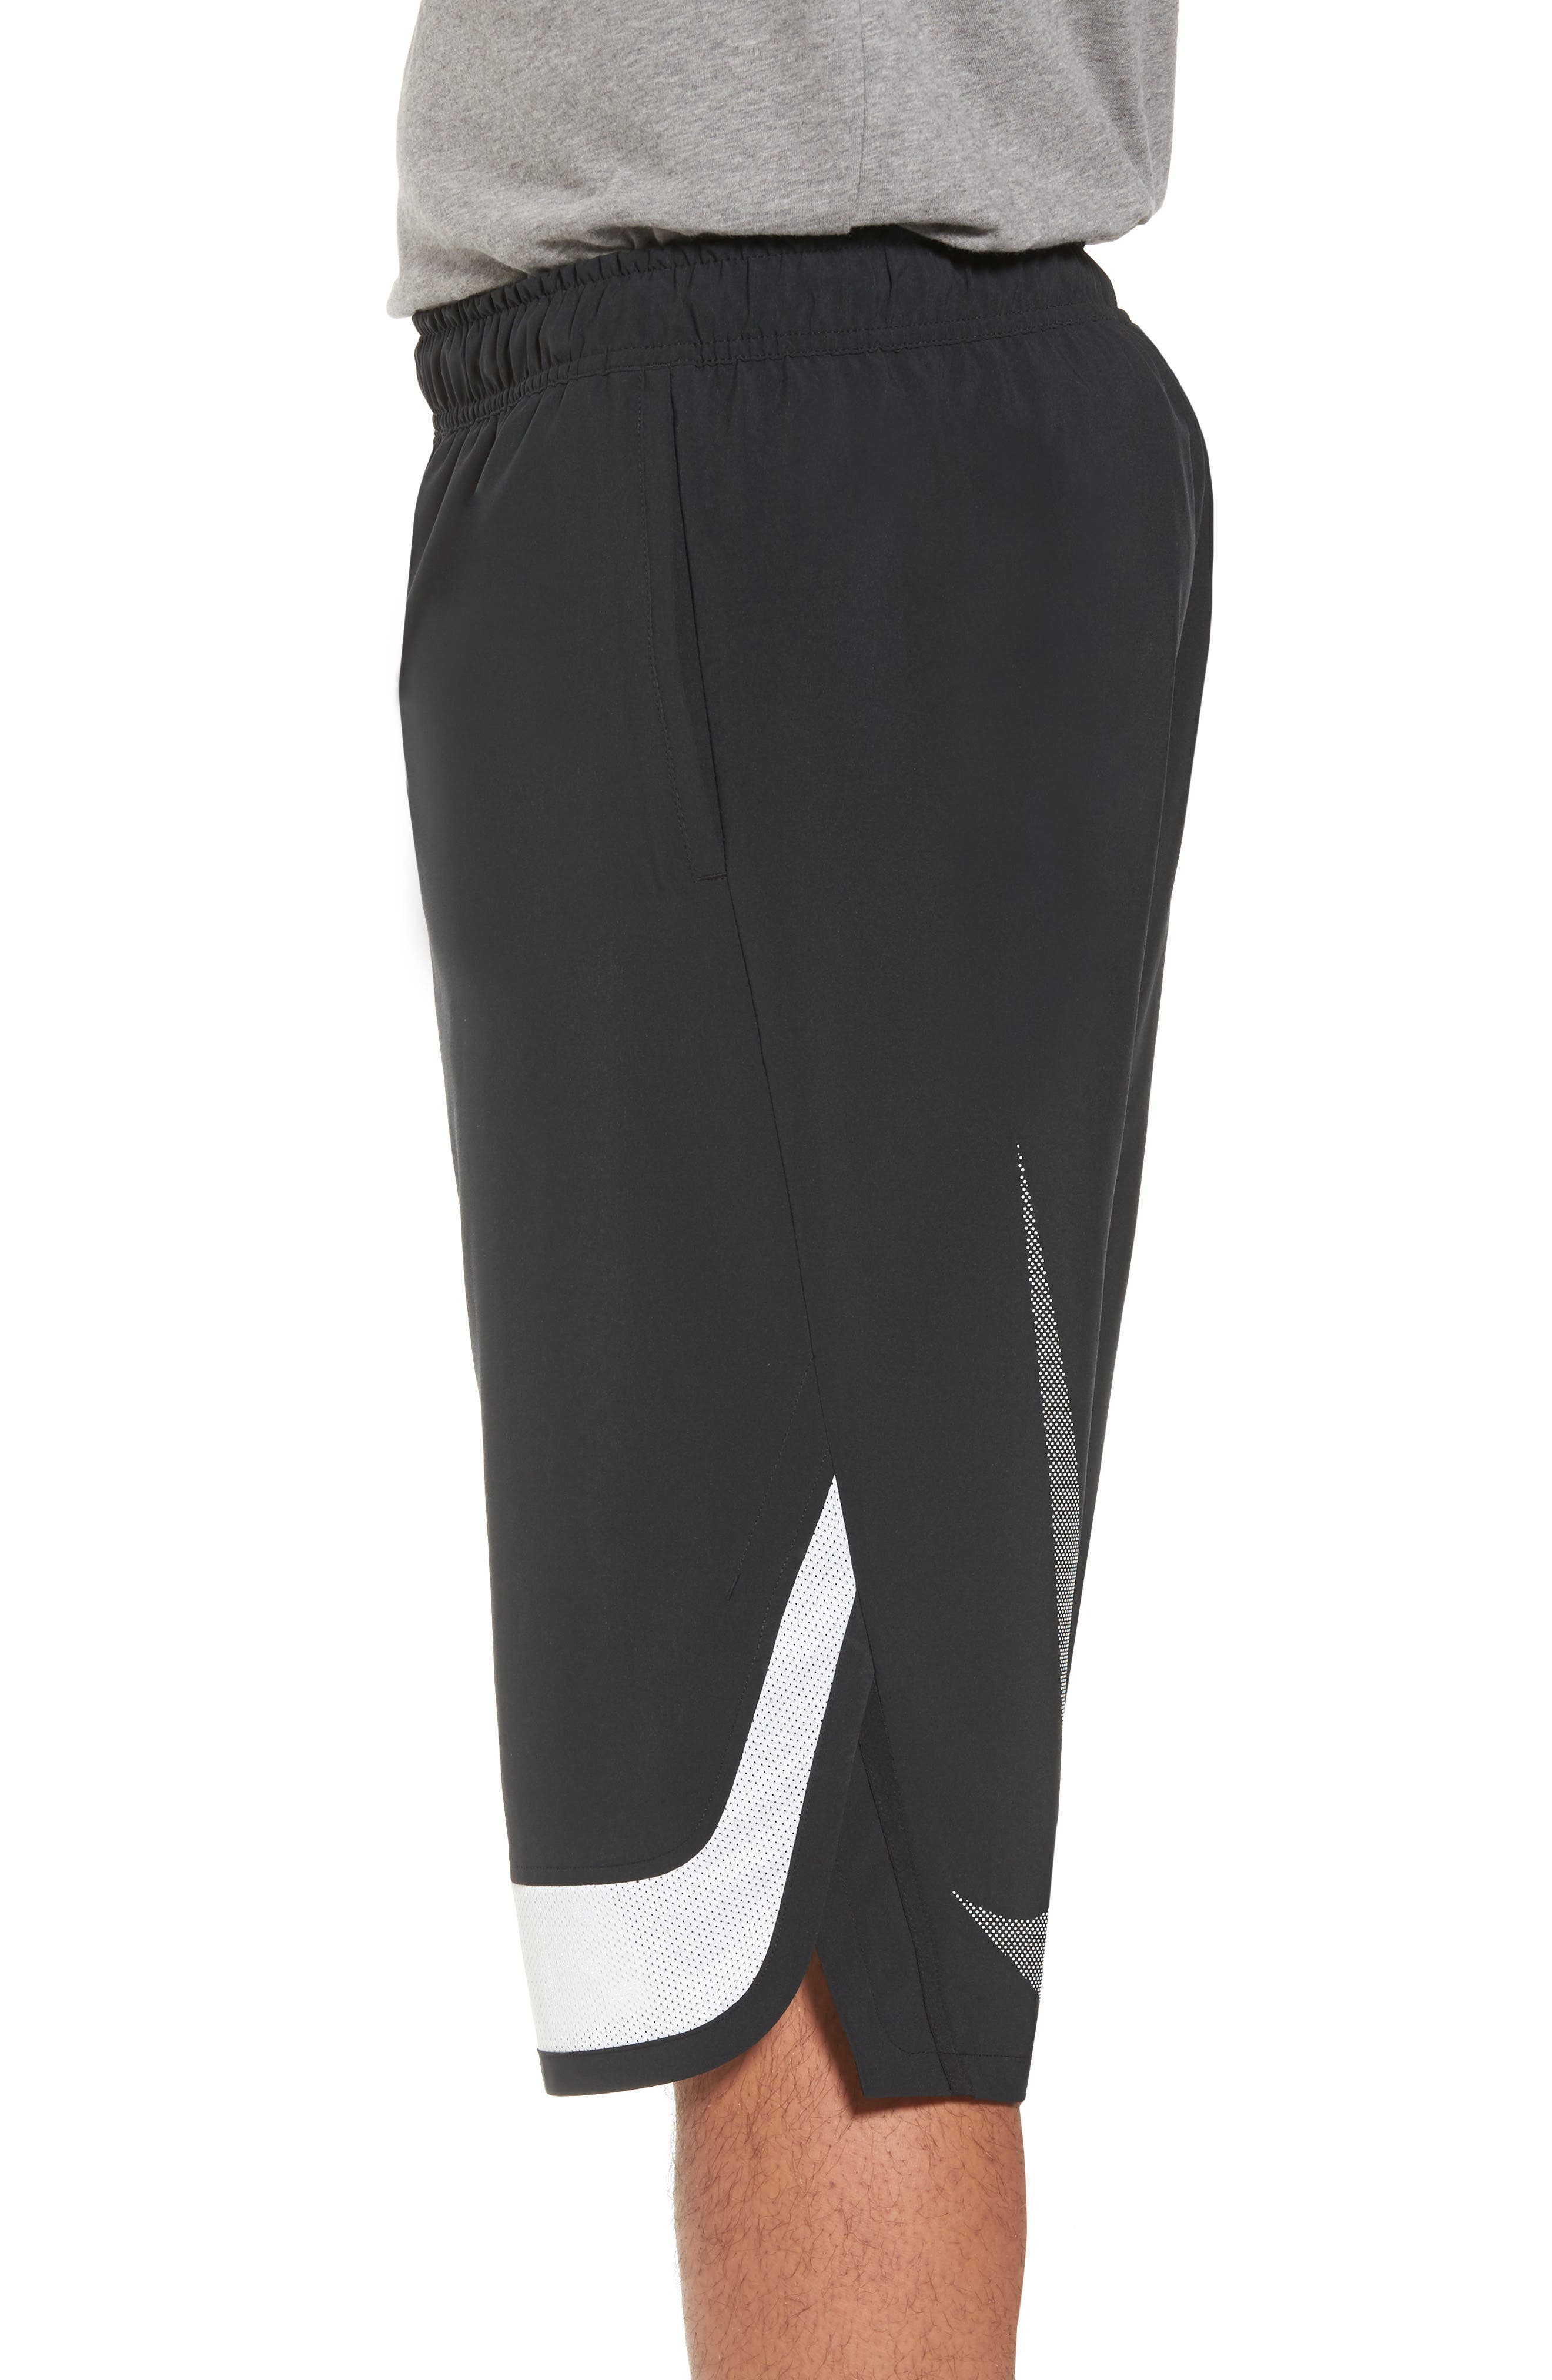 NIKE,                             Training Flex PX Shorts,                             Alternate thumbnail 3, color,                             010